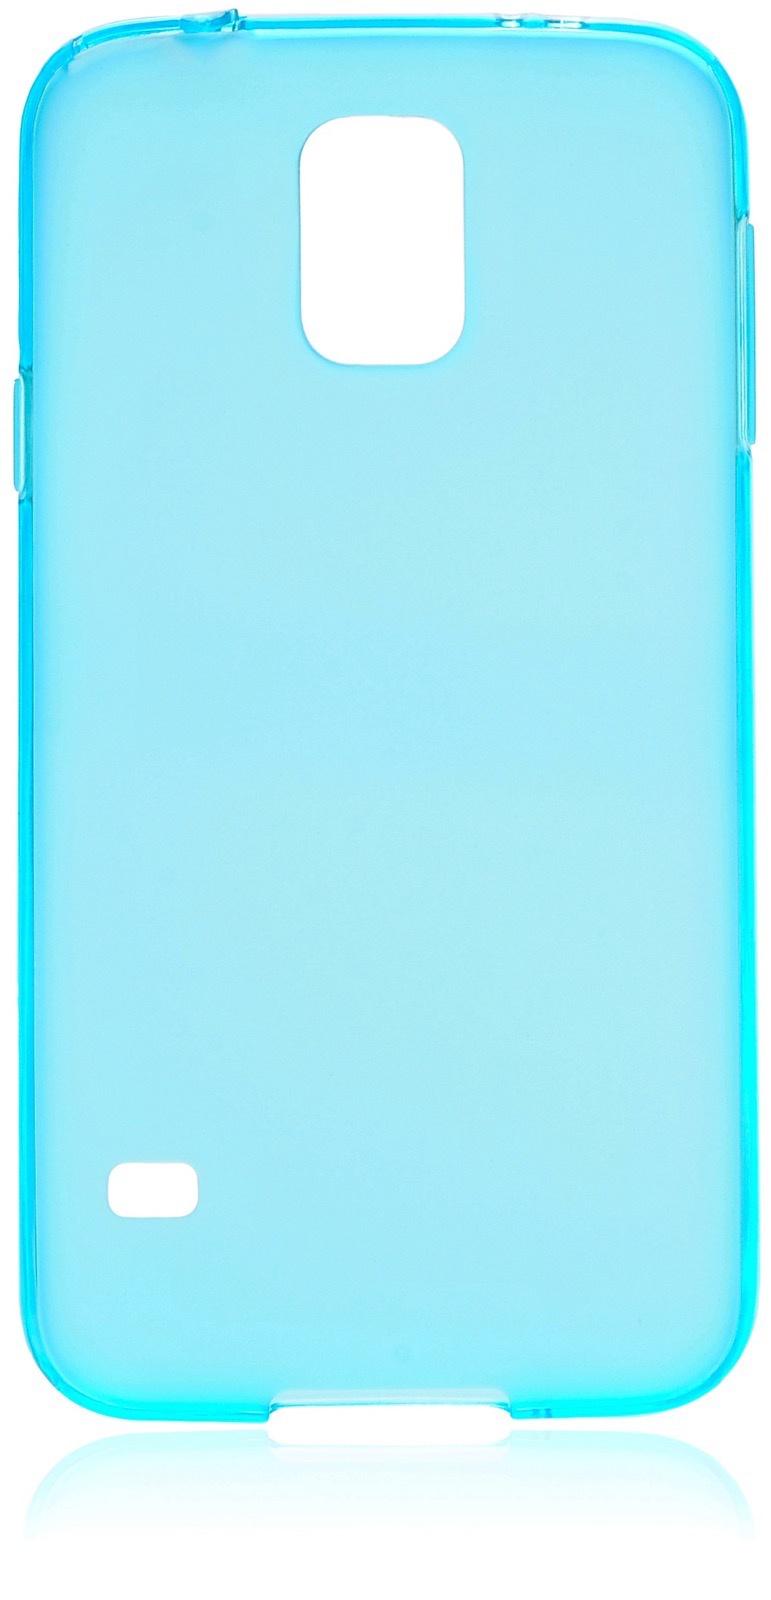 Чехол накладка iNeez силикон матовый 530041 для Samsung Galaxy S5,530041,голубой